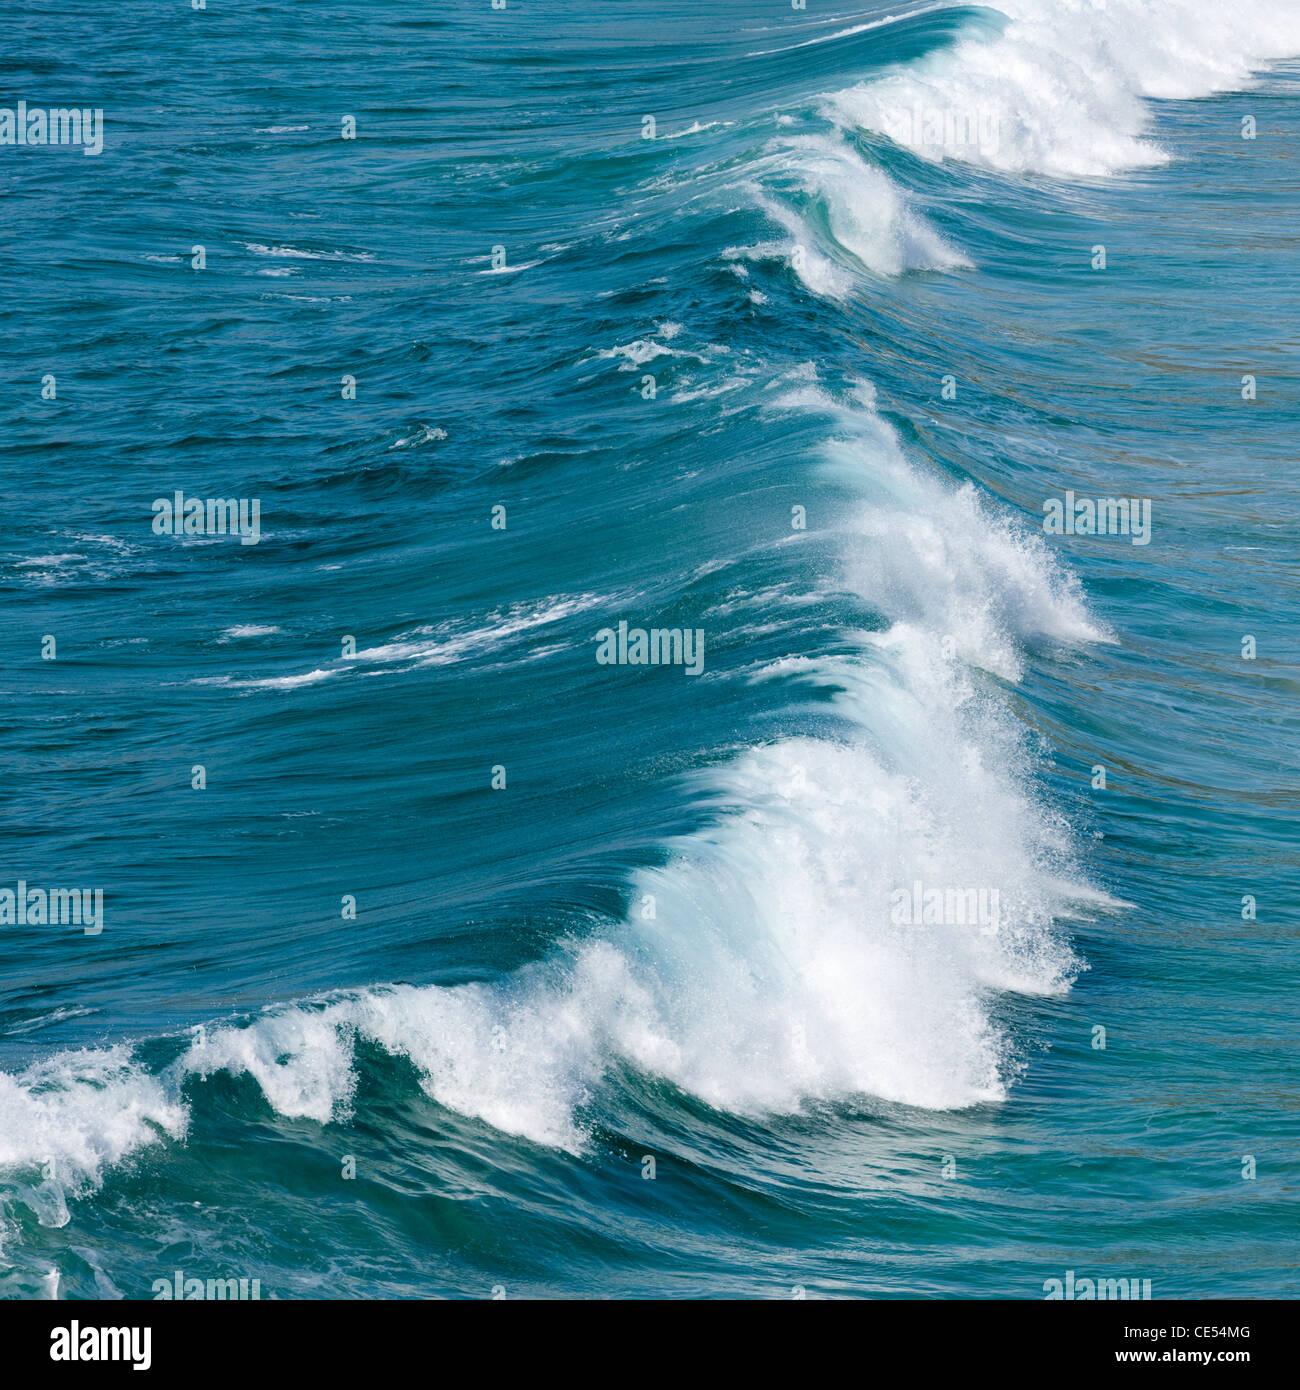 La rupture de l'onde de l'Atlantique au large des côtes ouest de la Cornouailles Photo Stock